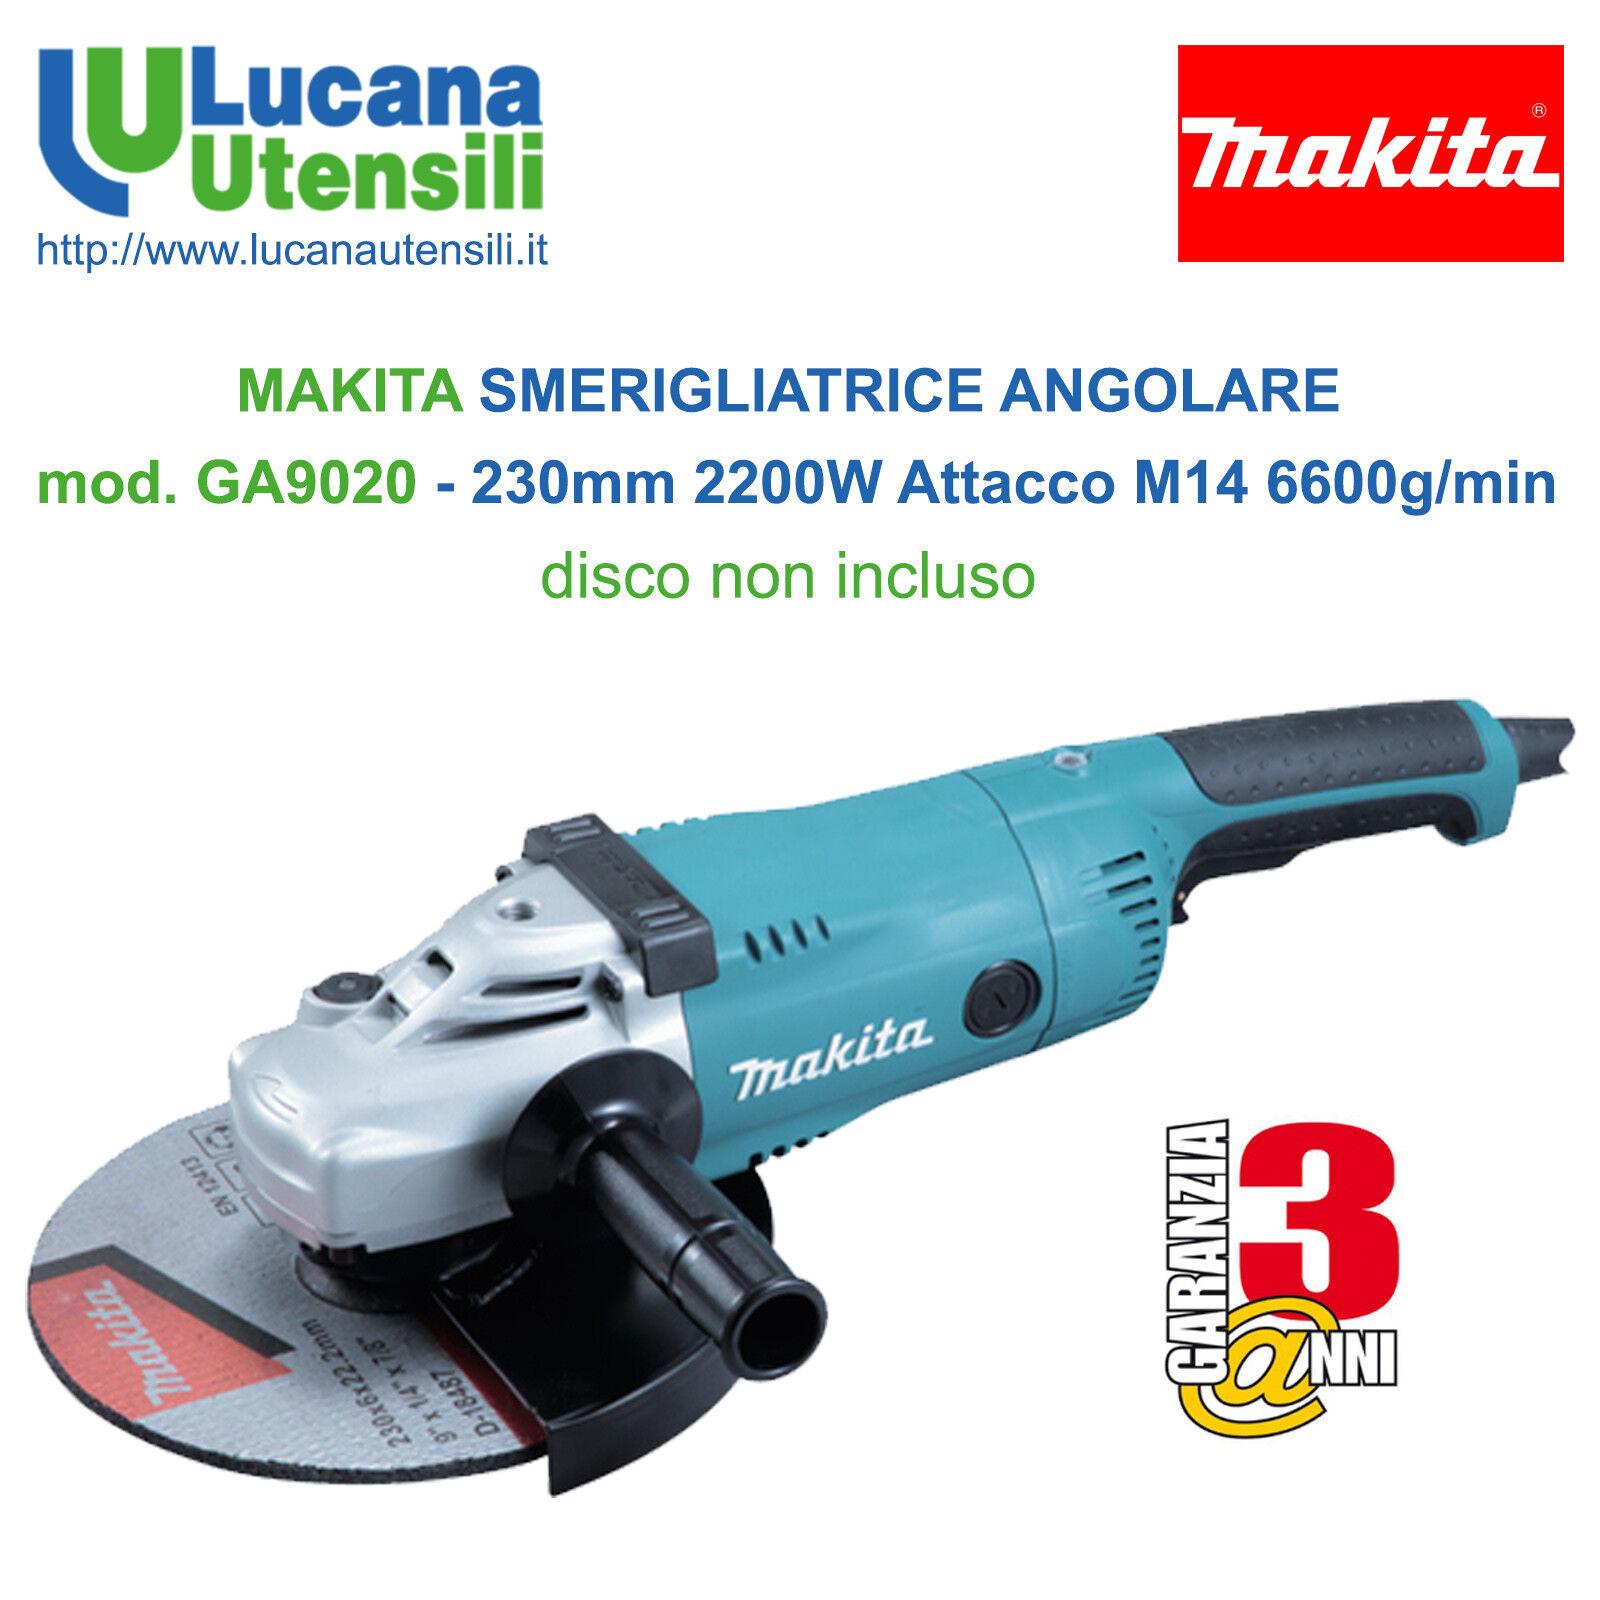 MAKITA SMERIGLIATRICE ANGOLARE modello GA9020 230mm 2200W Attacco M14 6600g min